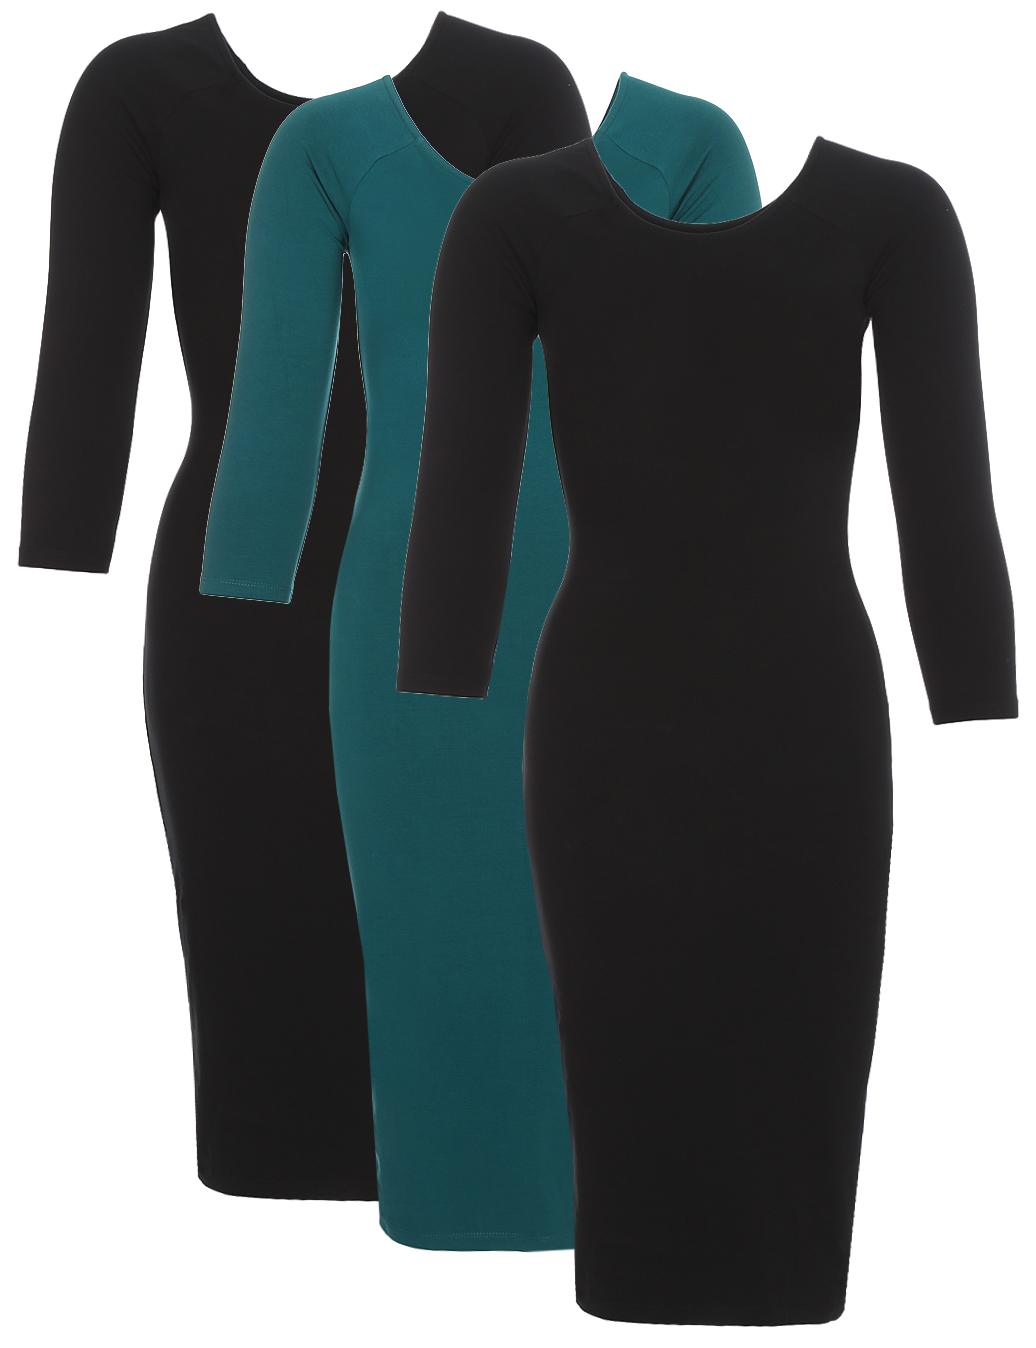 Платье oodji Ultra, цвет: зеленый, черный, 3 шт. 14017001T3/47420/19EBN. Размер XS (42)14017001T3/47420/19EBNСтильное платье oodji изготовлено из качественного эластичного хлопка. Облегающая модель с горловиной-лодочкой и рукавами 3/4. В наборе 3 платья.